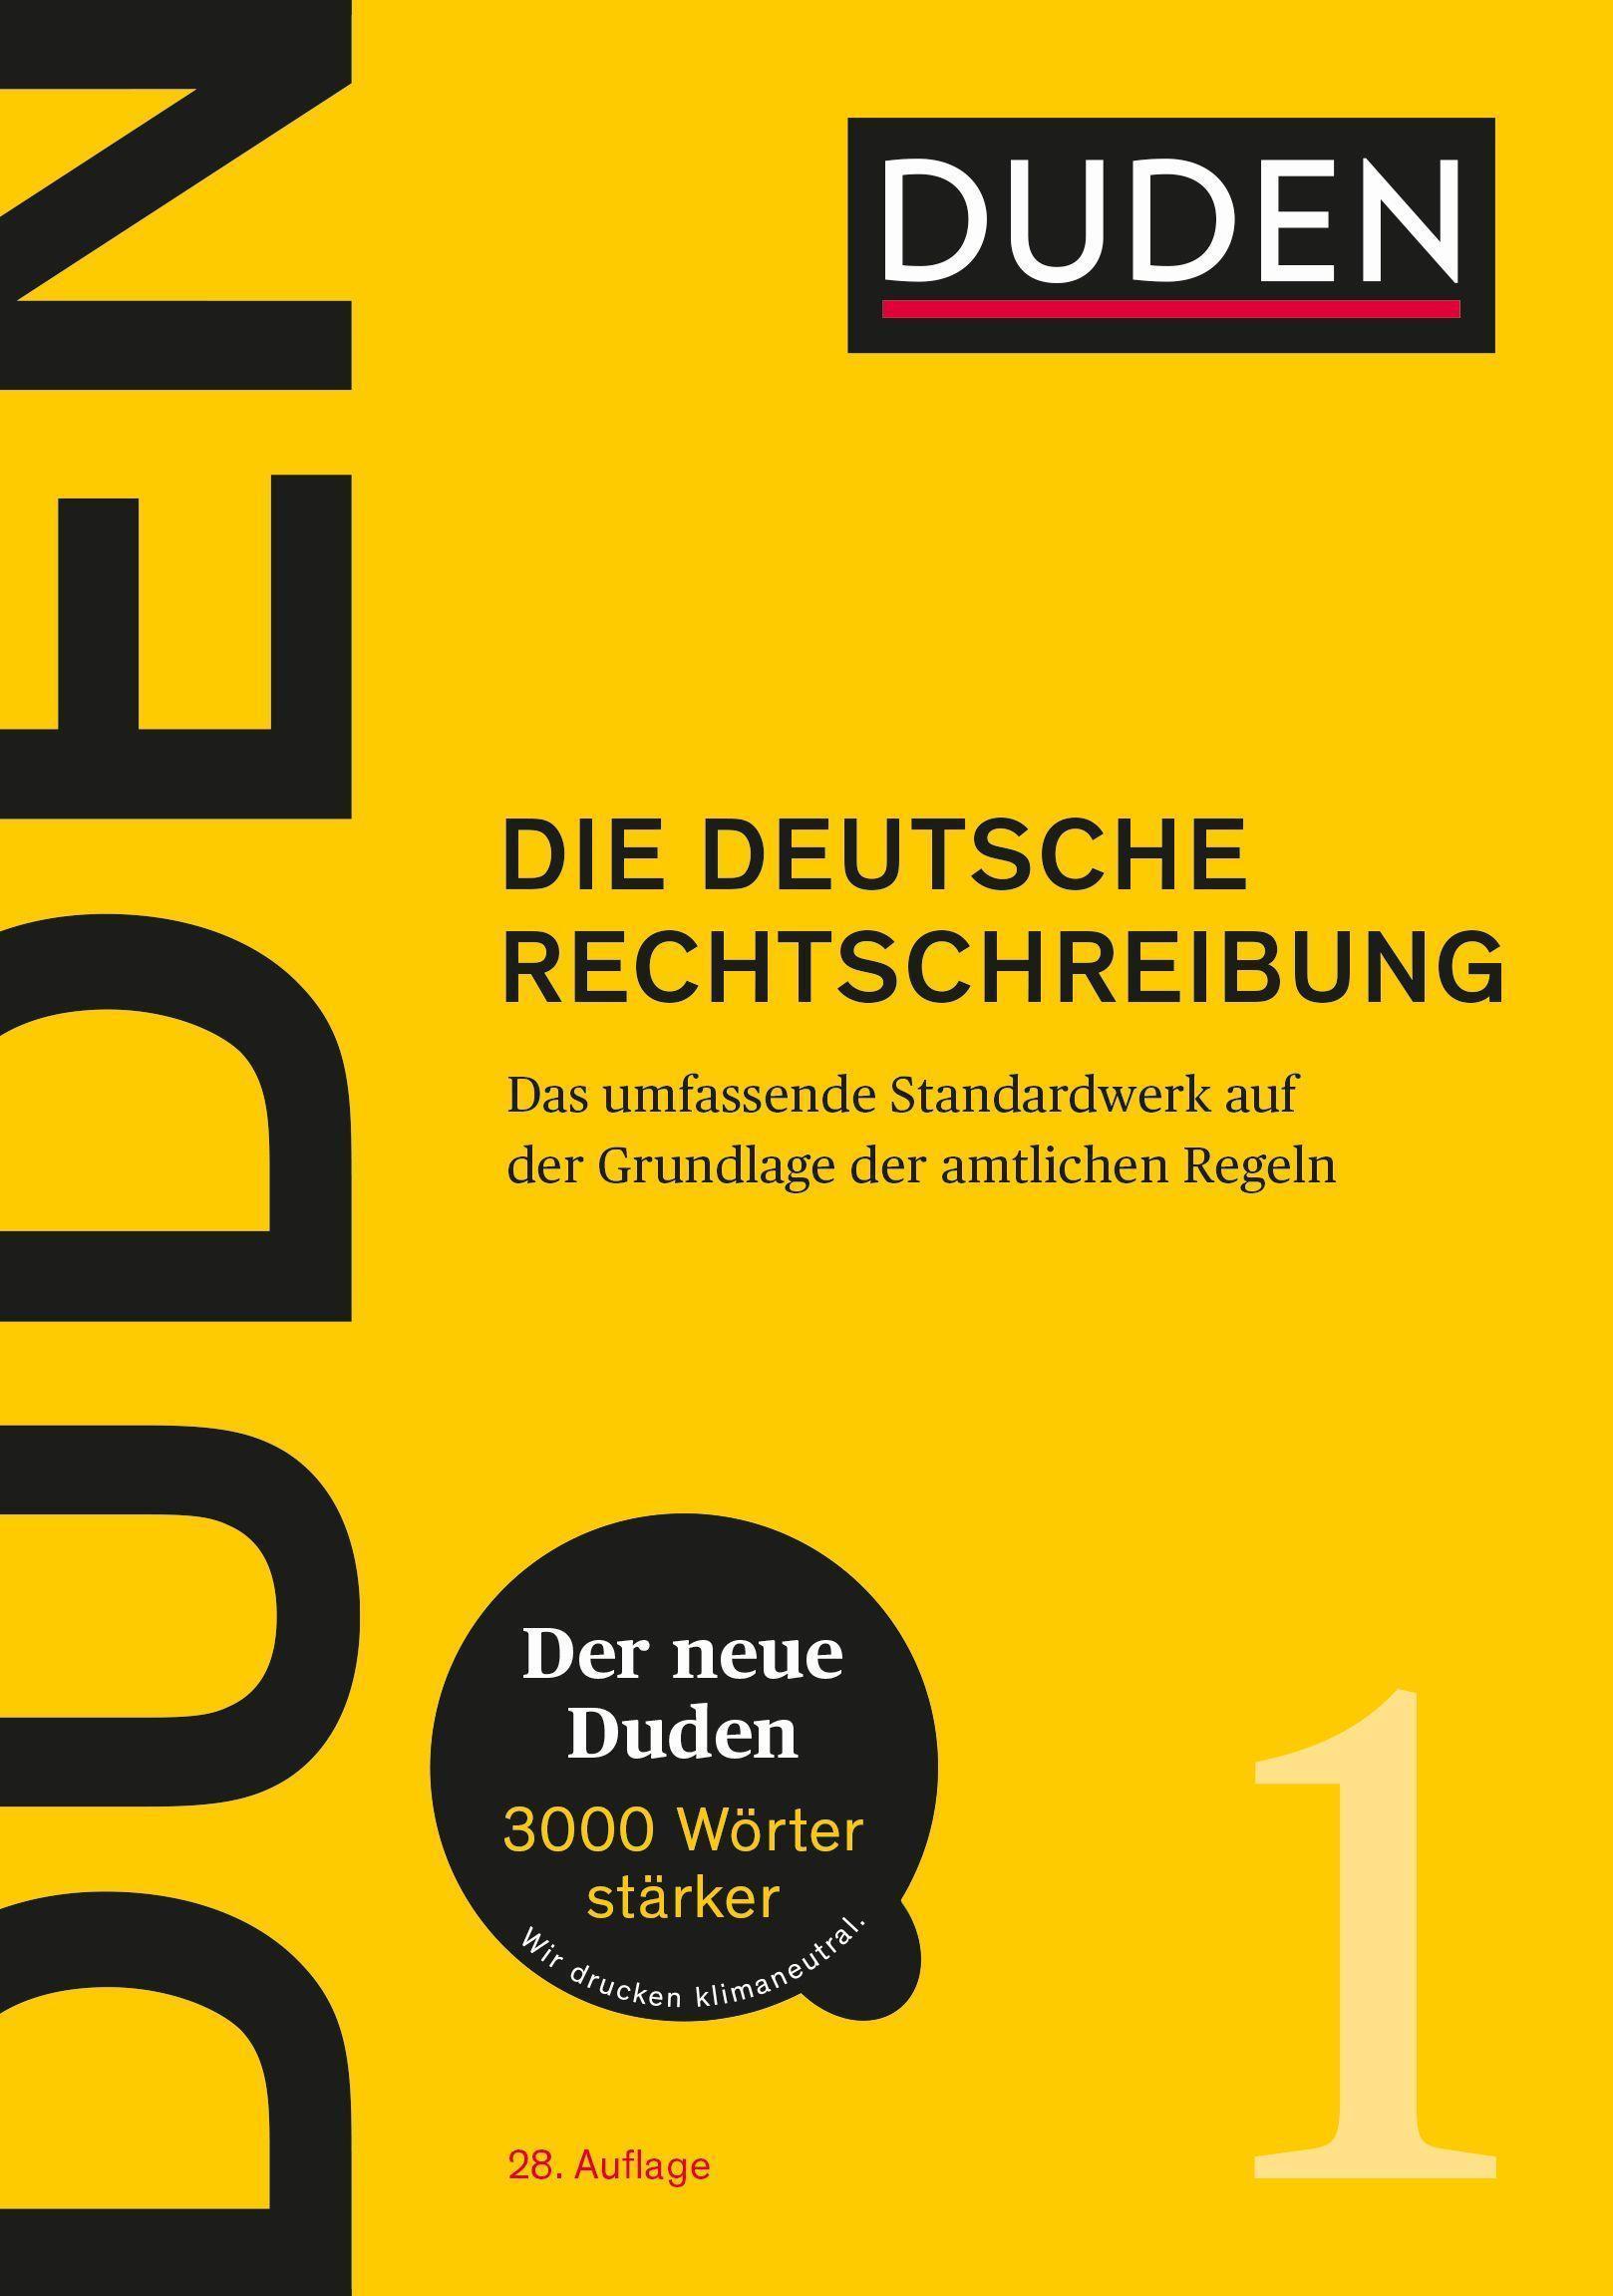 Dudenredaktion Duden Die Deutsche Rechtschreibung 9783411040186 Ebay